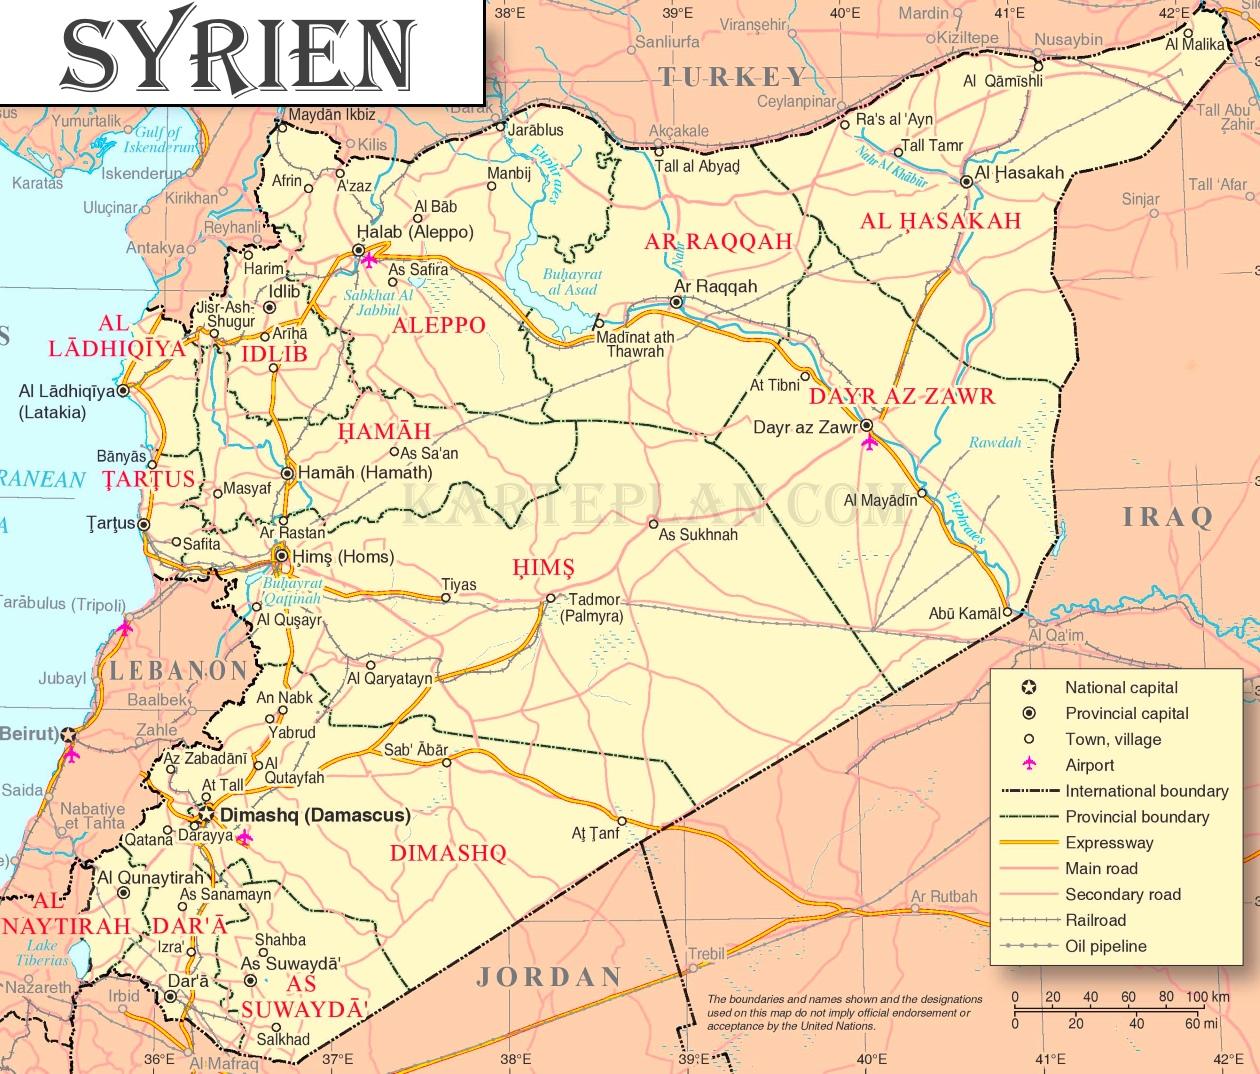 Syrien Karte Mit Städten.Syrien Politische Karte